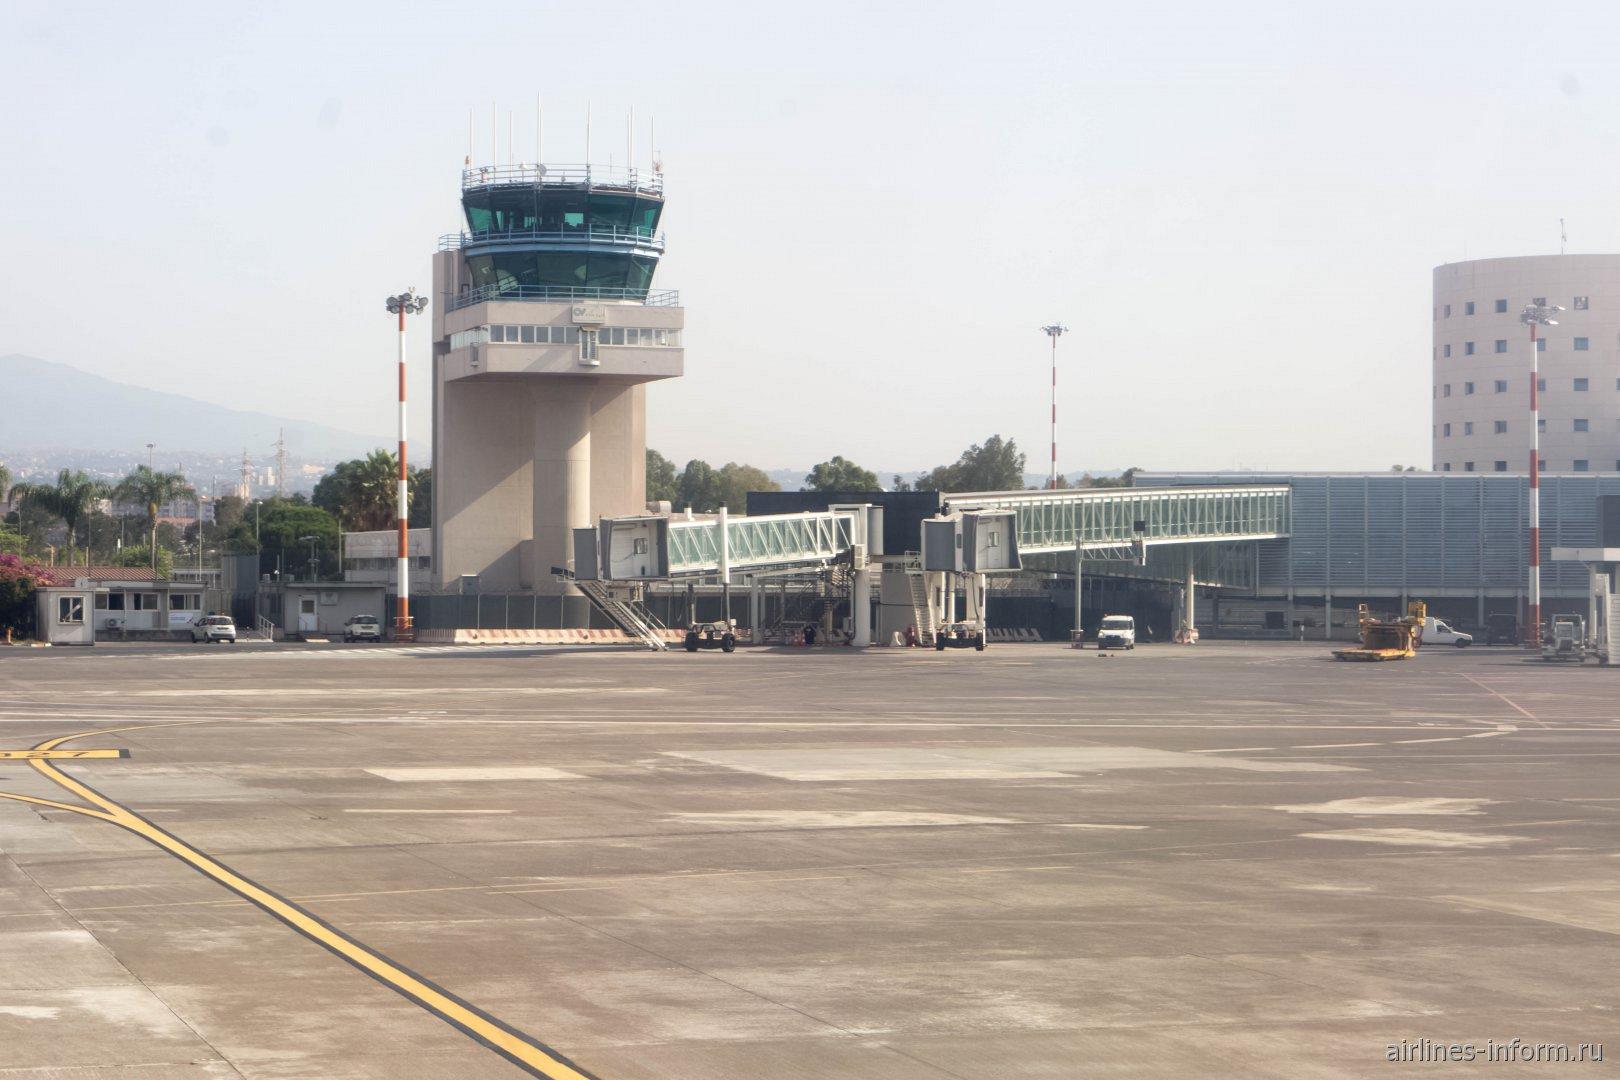 Диспетчерская башня аэропорта Катания-Фонтанаросса